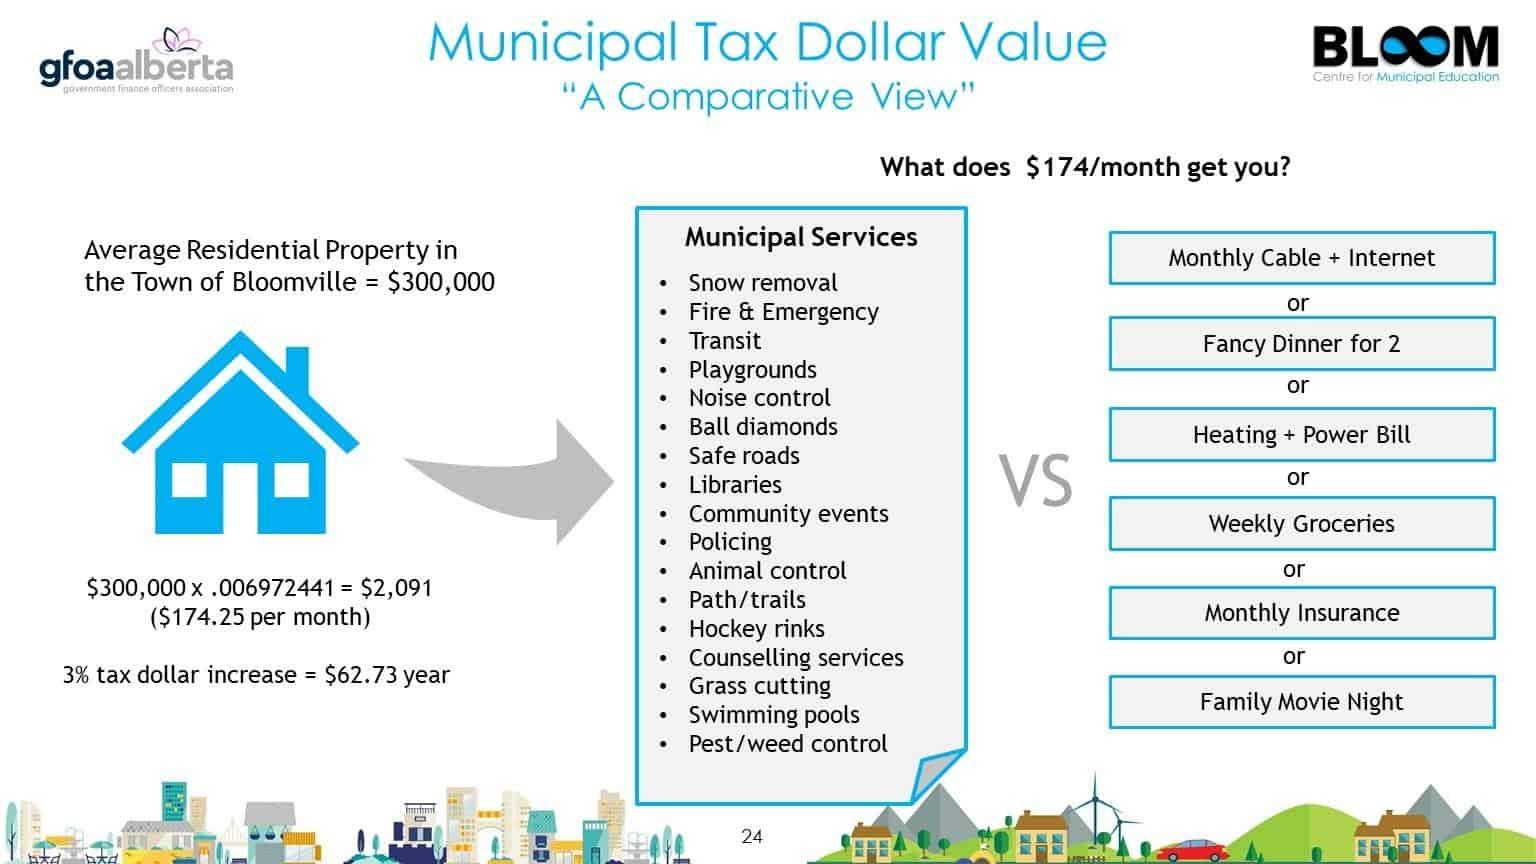 Municipal tax dollar value